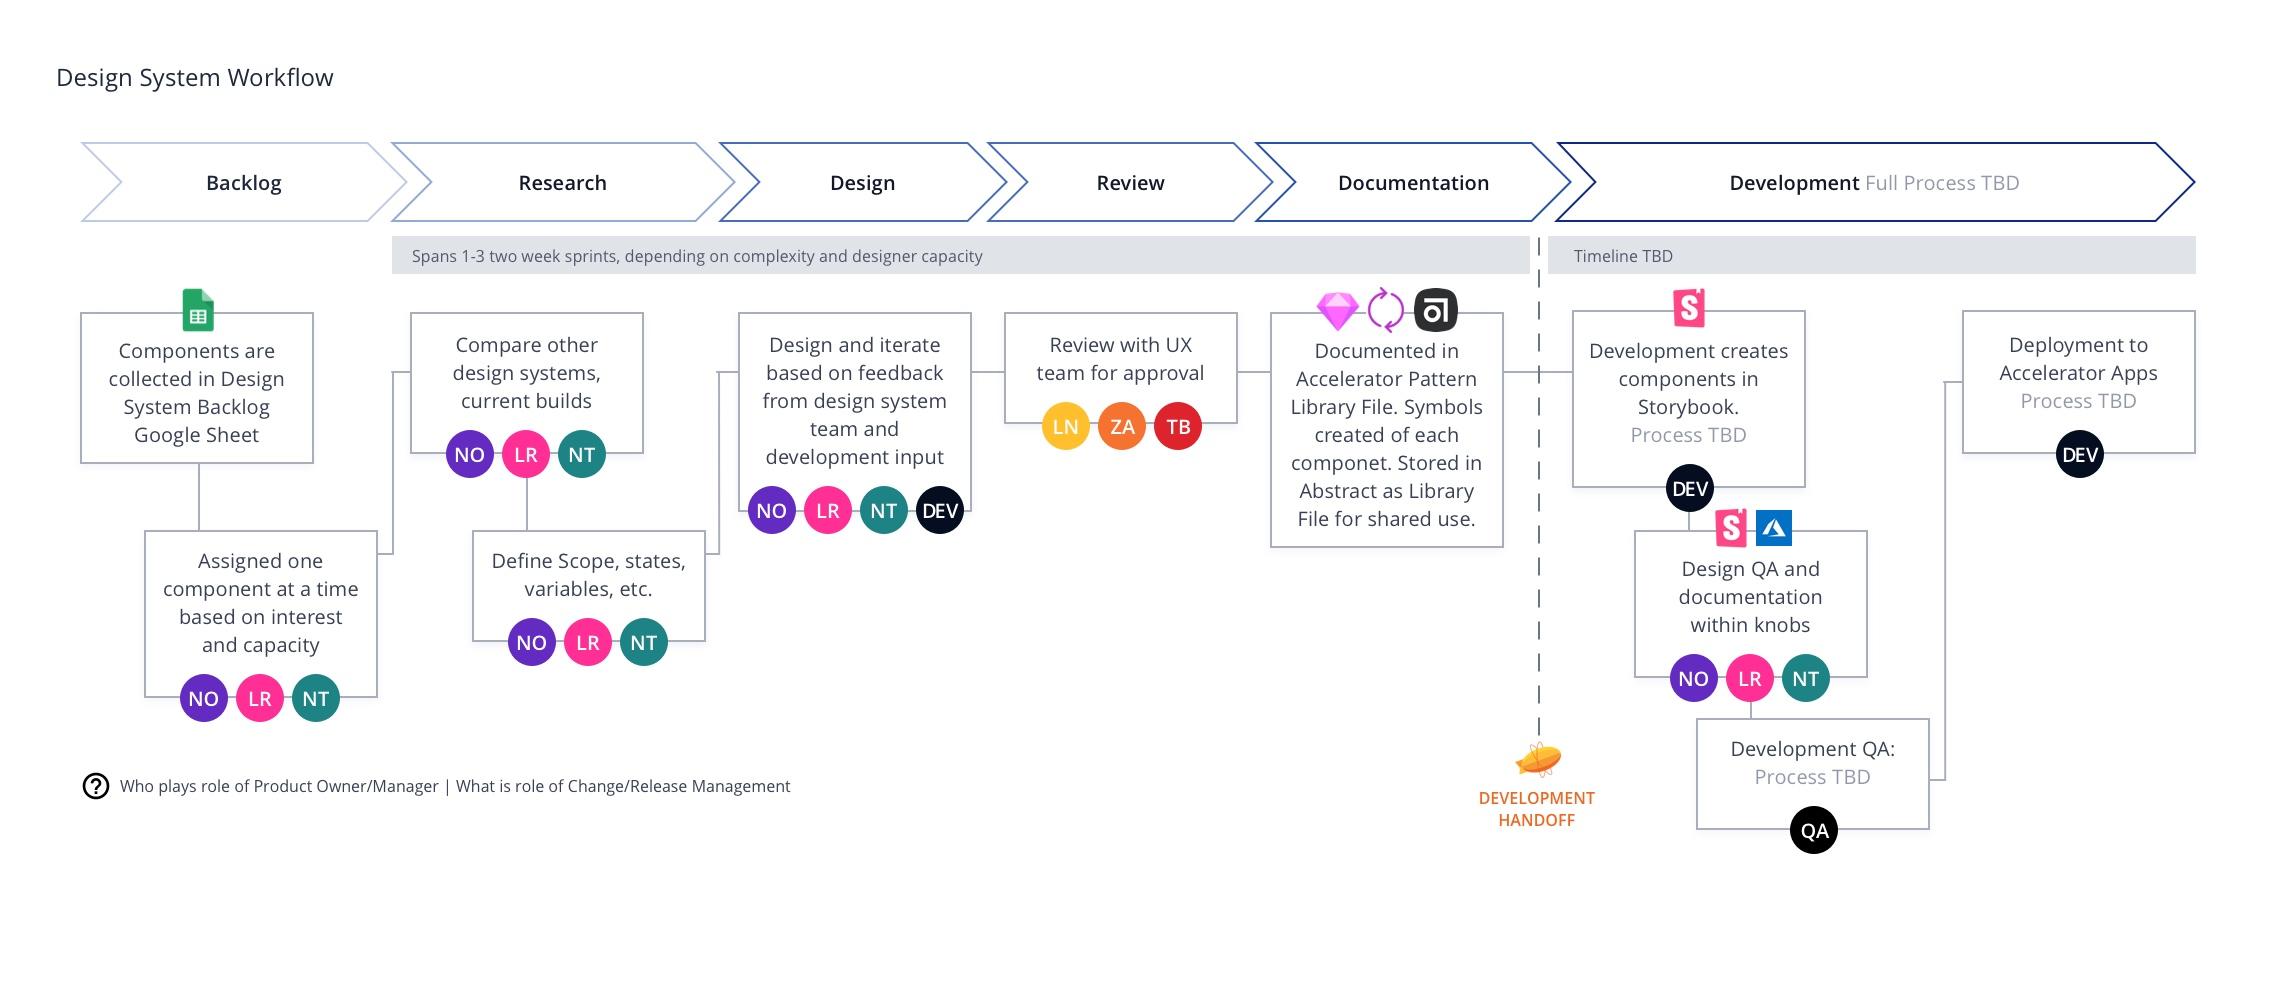 Design-System-Workflow